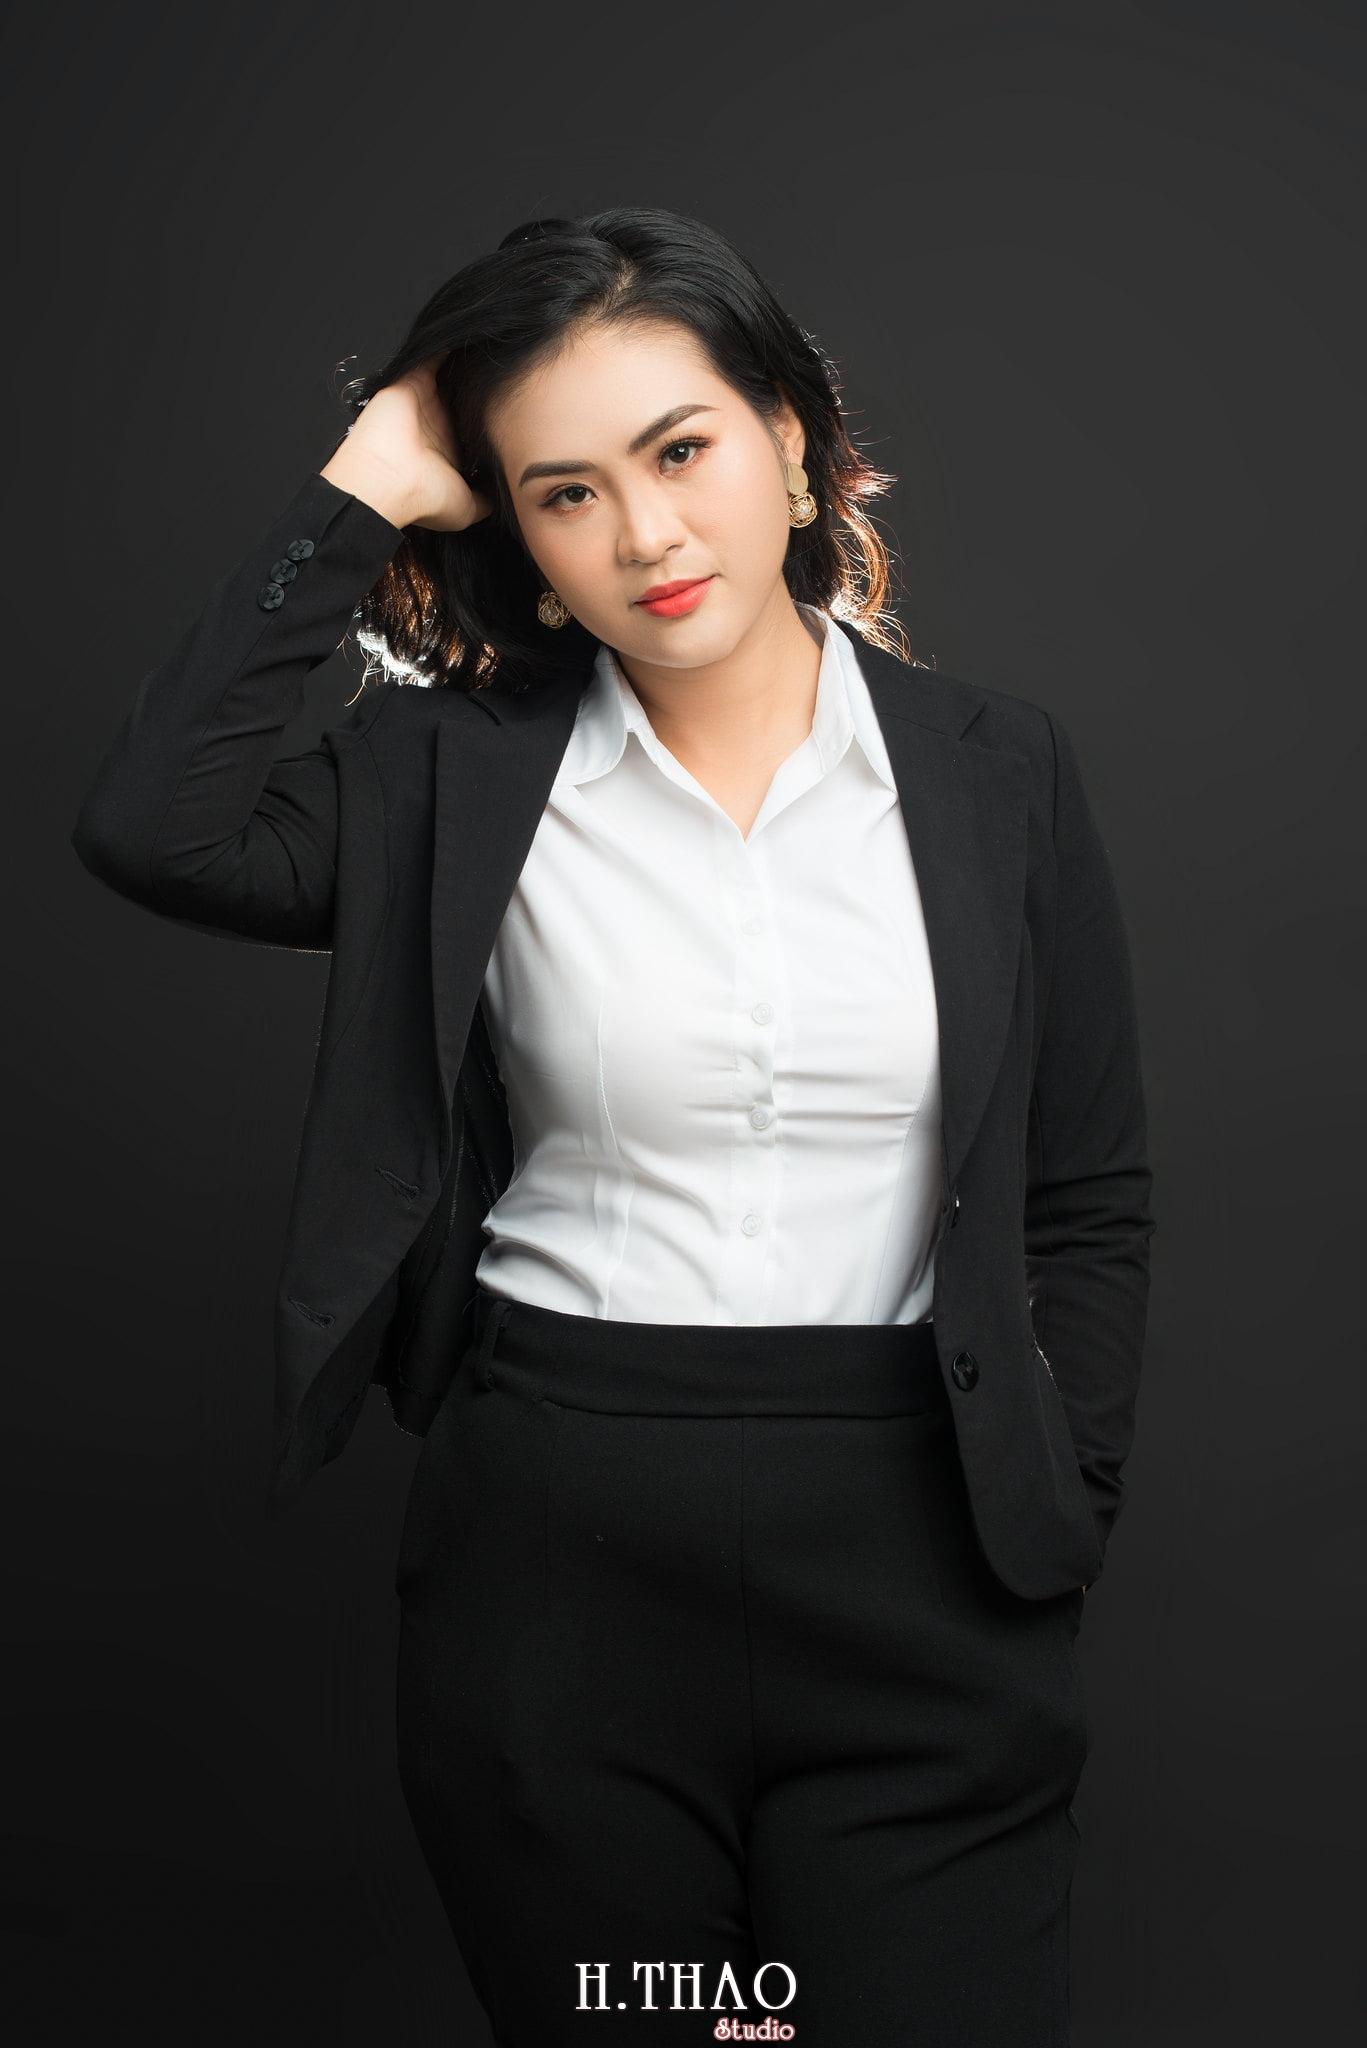 Nam Phuong 1 - Album ảnh Doanh nhân nữ xinh đẹp Nam Phương - HThao Studio